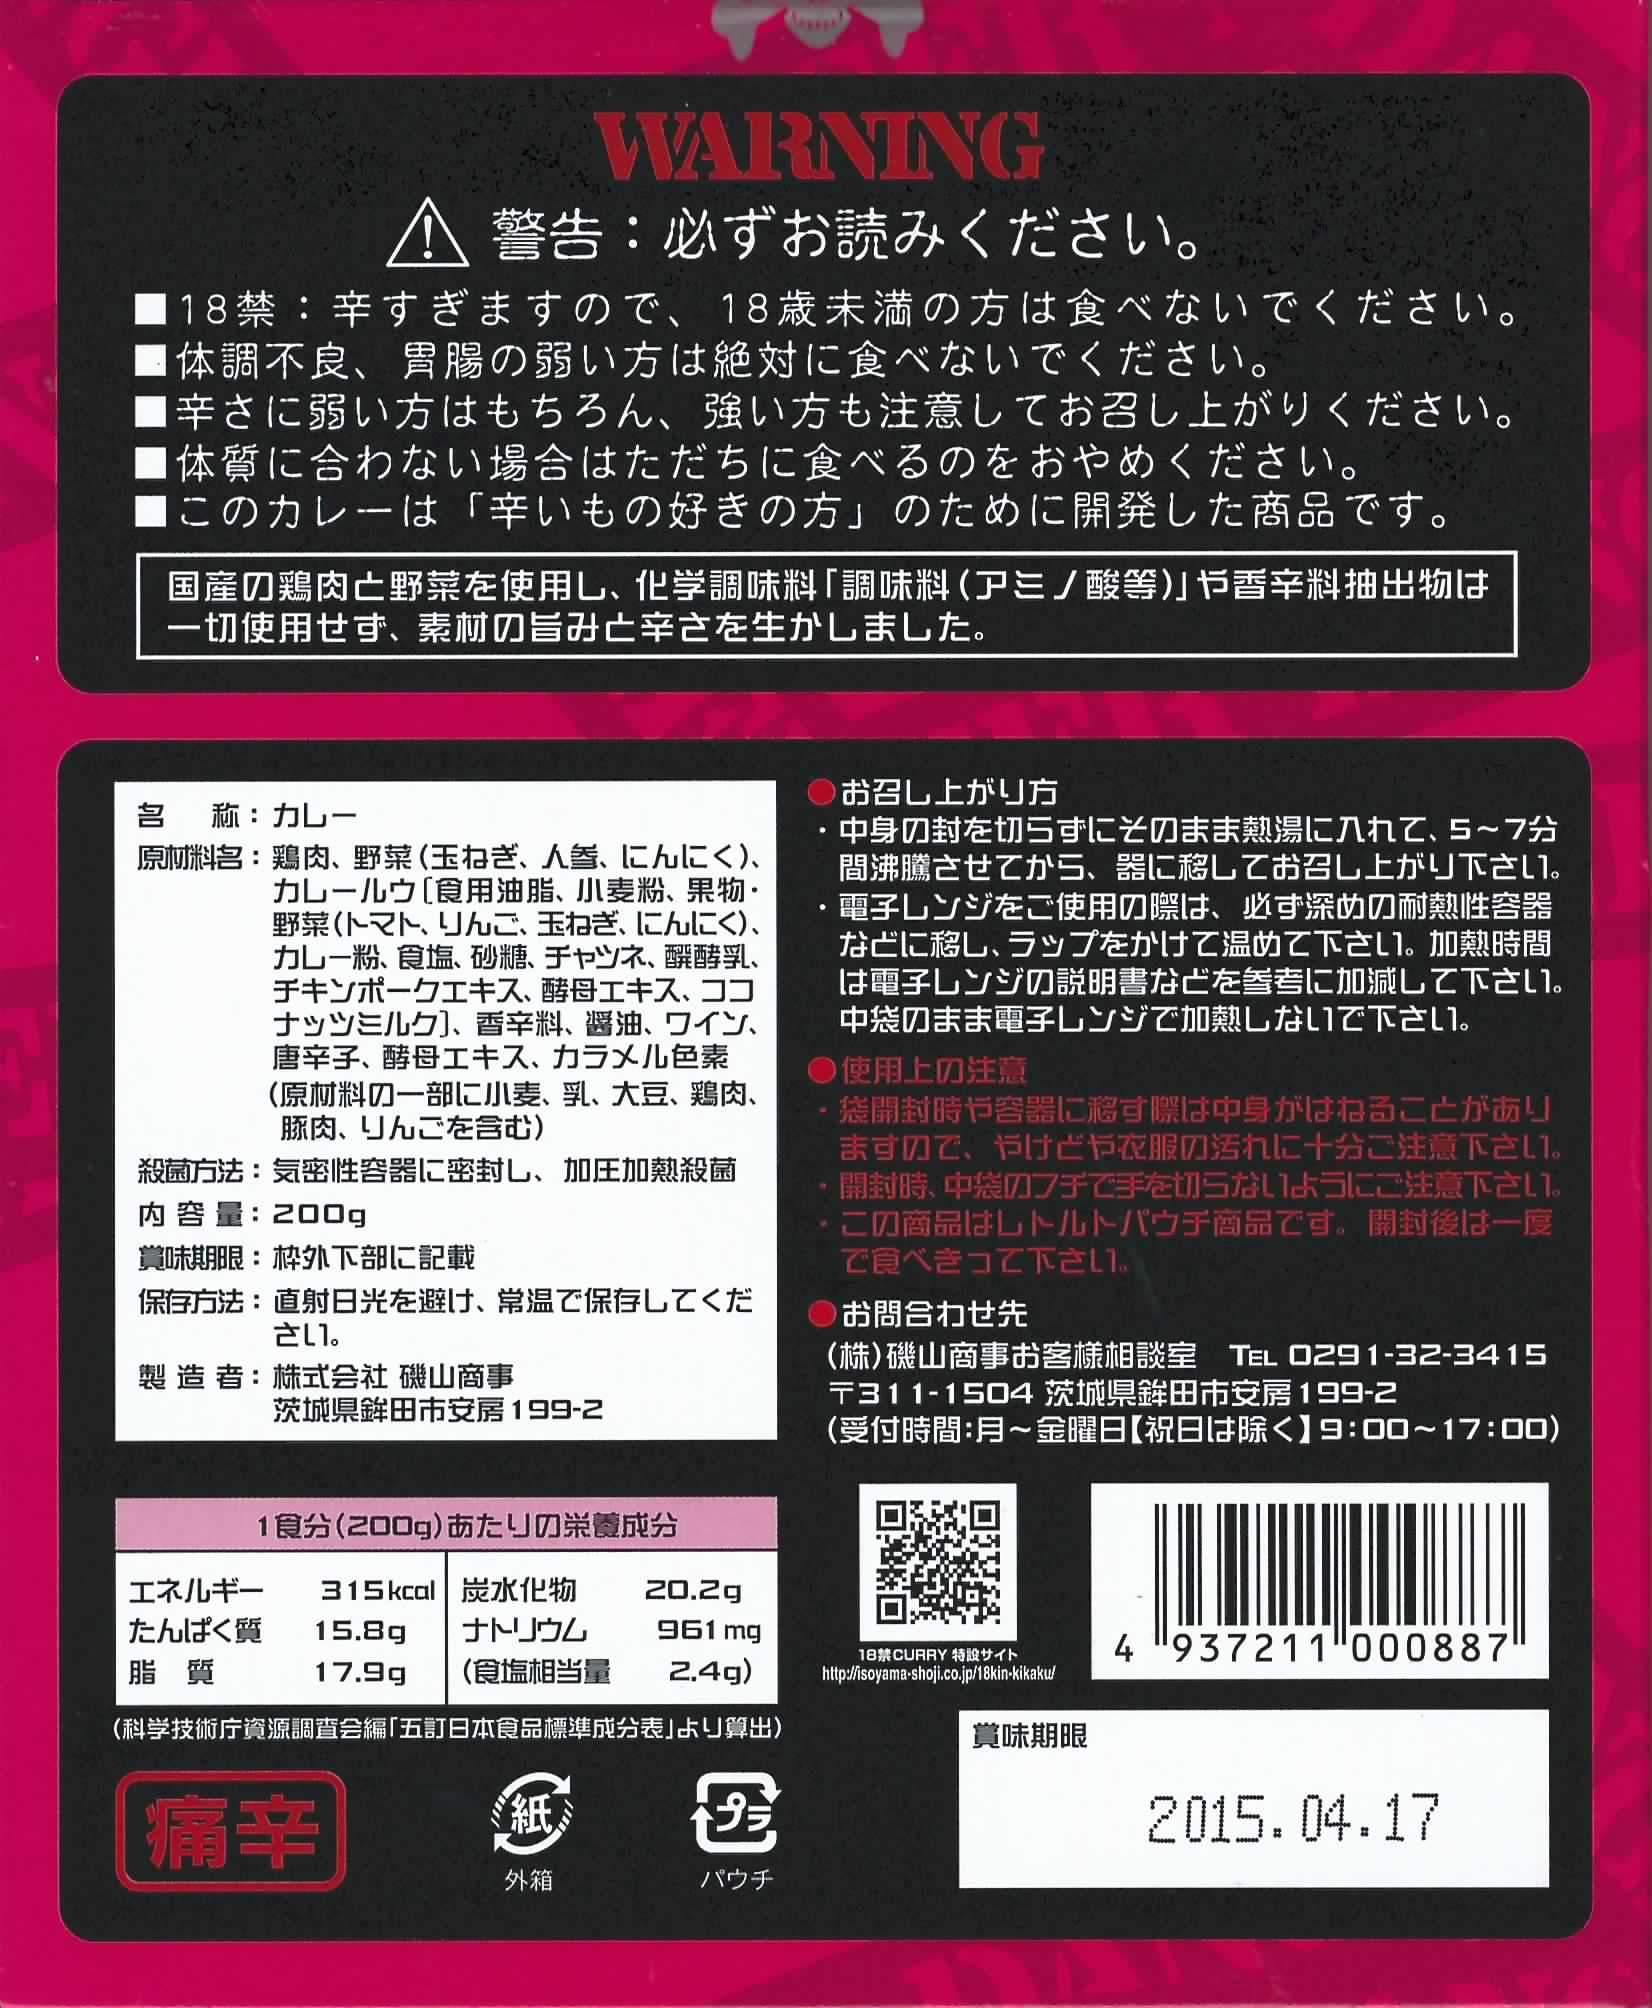 18禁カレー痛辛 <禁断の激辛カレーにチャレンジを!!>